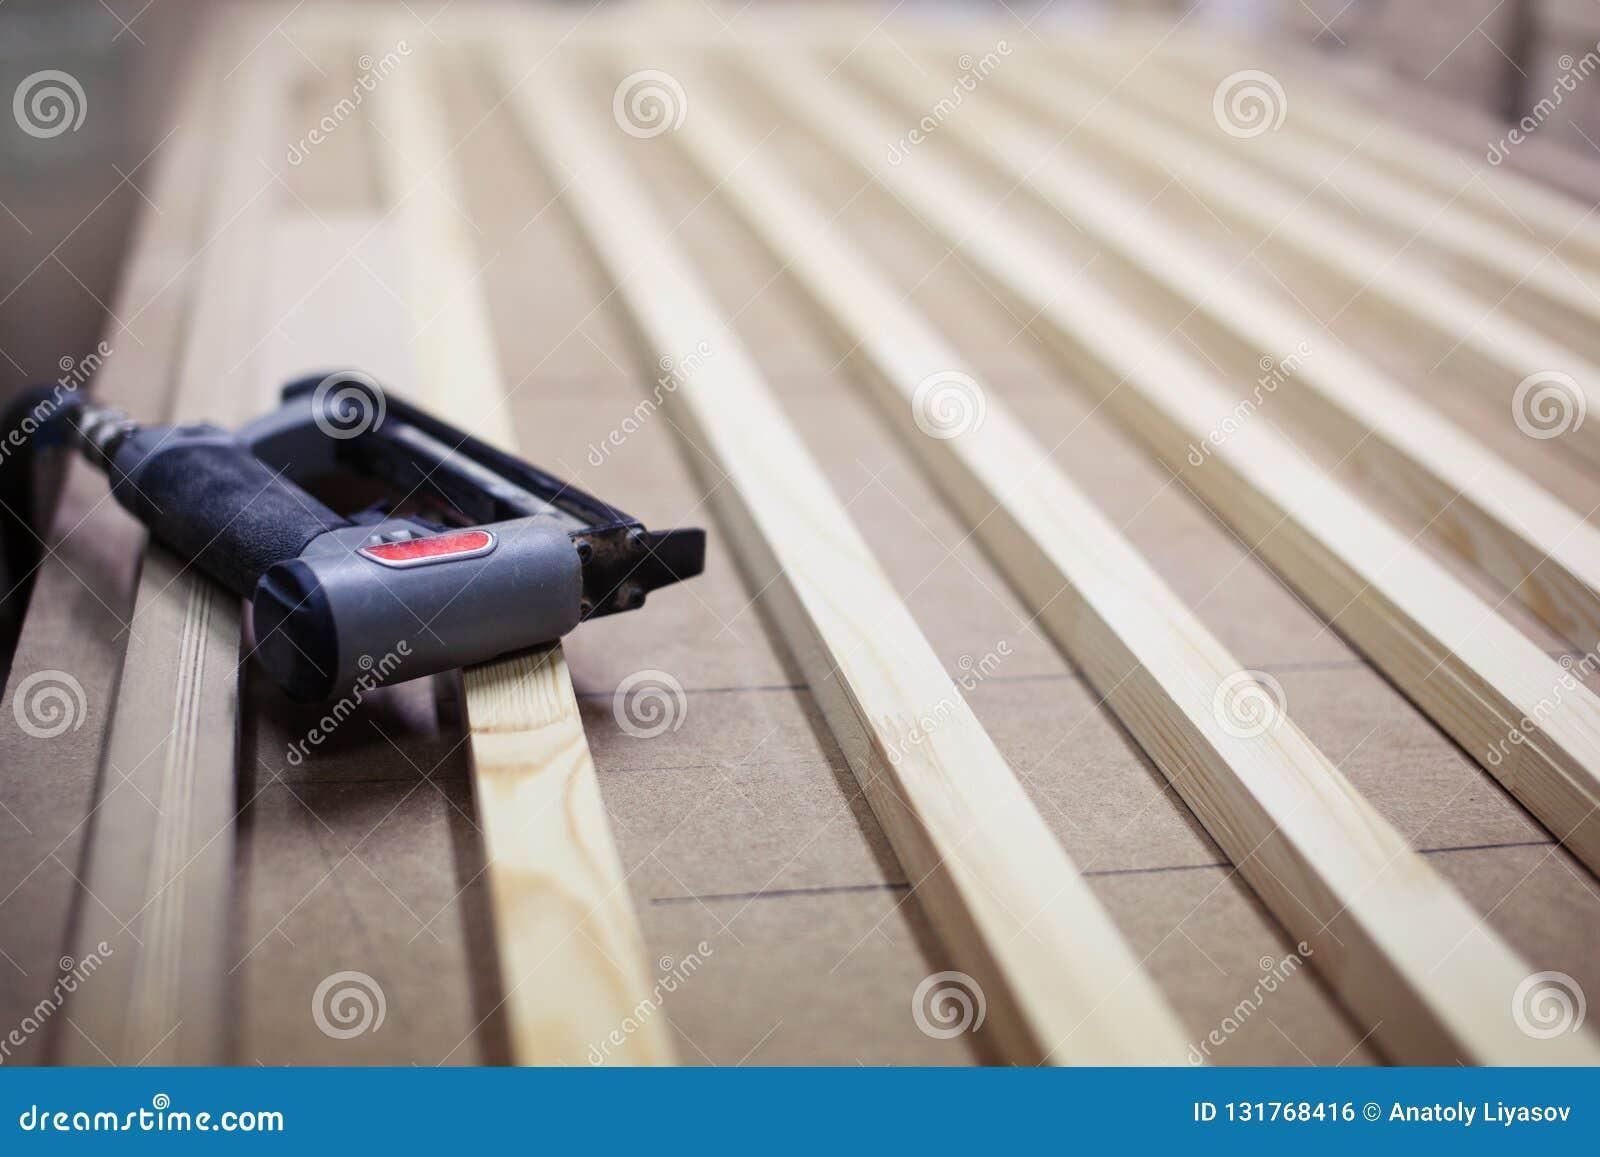 Industriële nietmachine op het houten kader van de latjesdeur